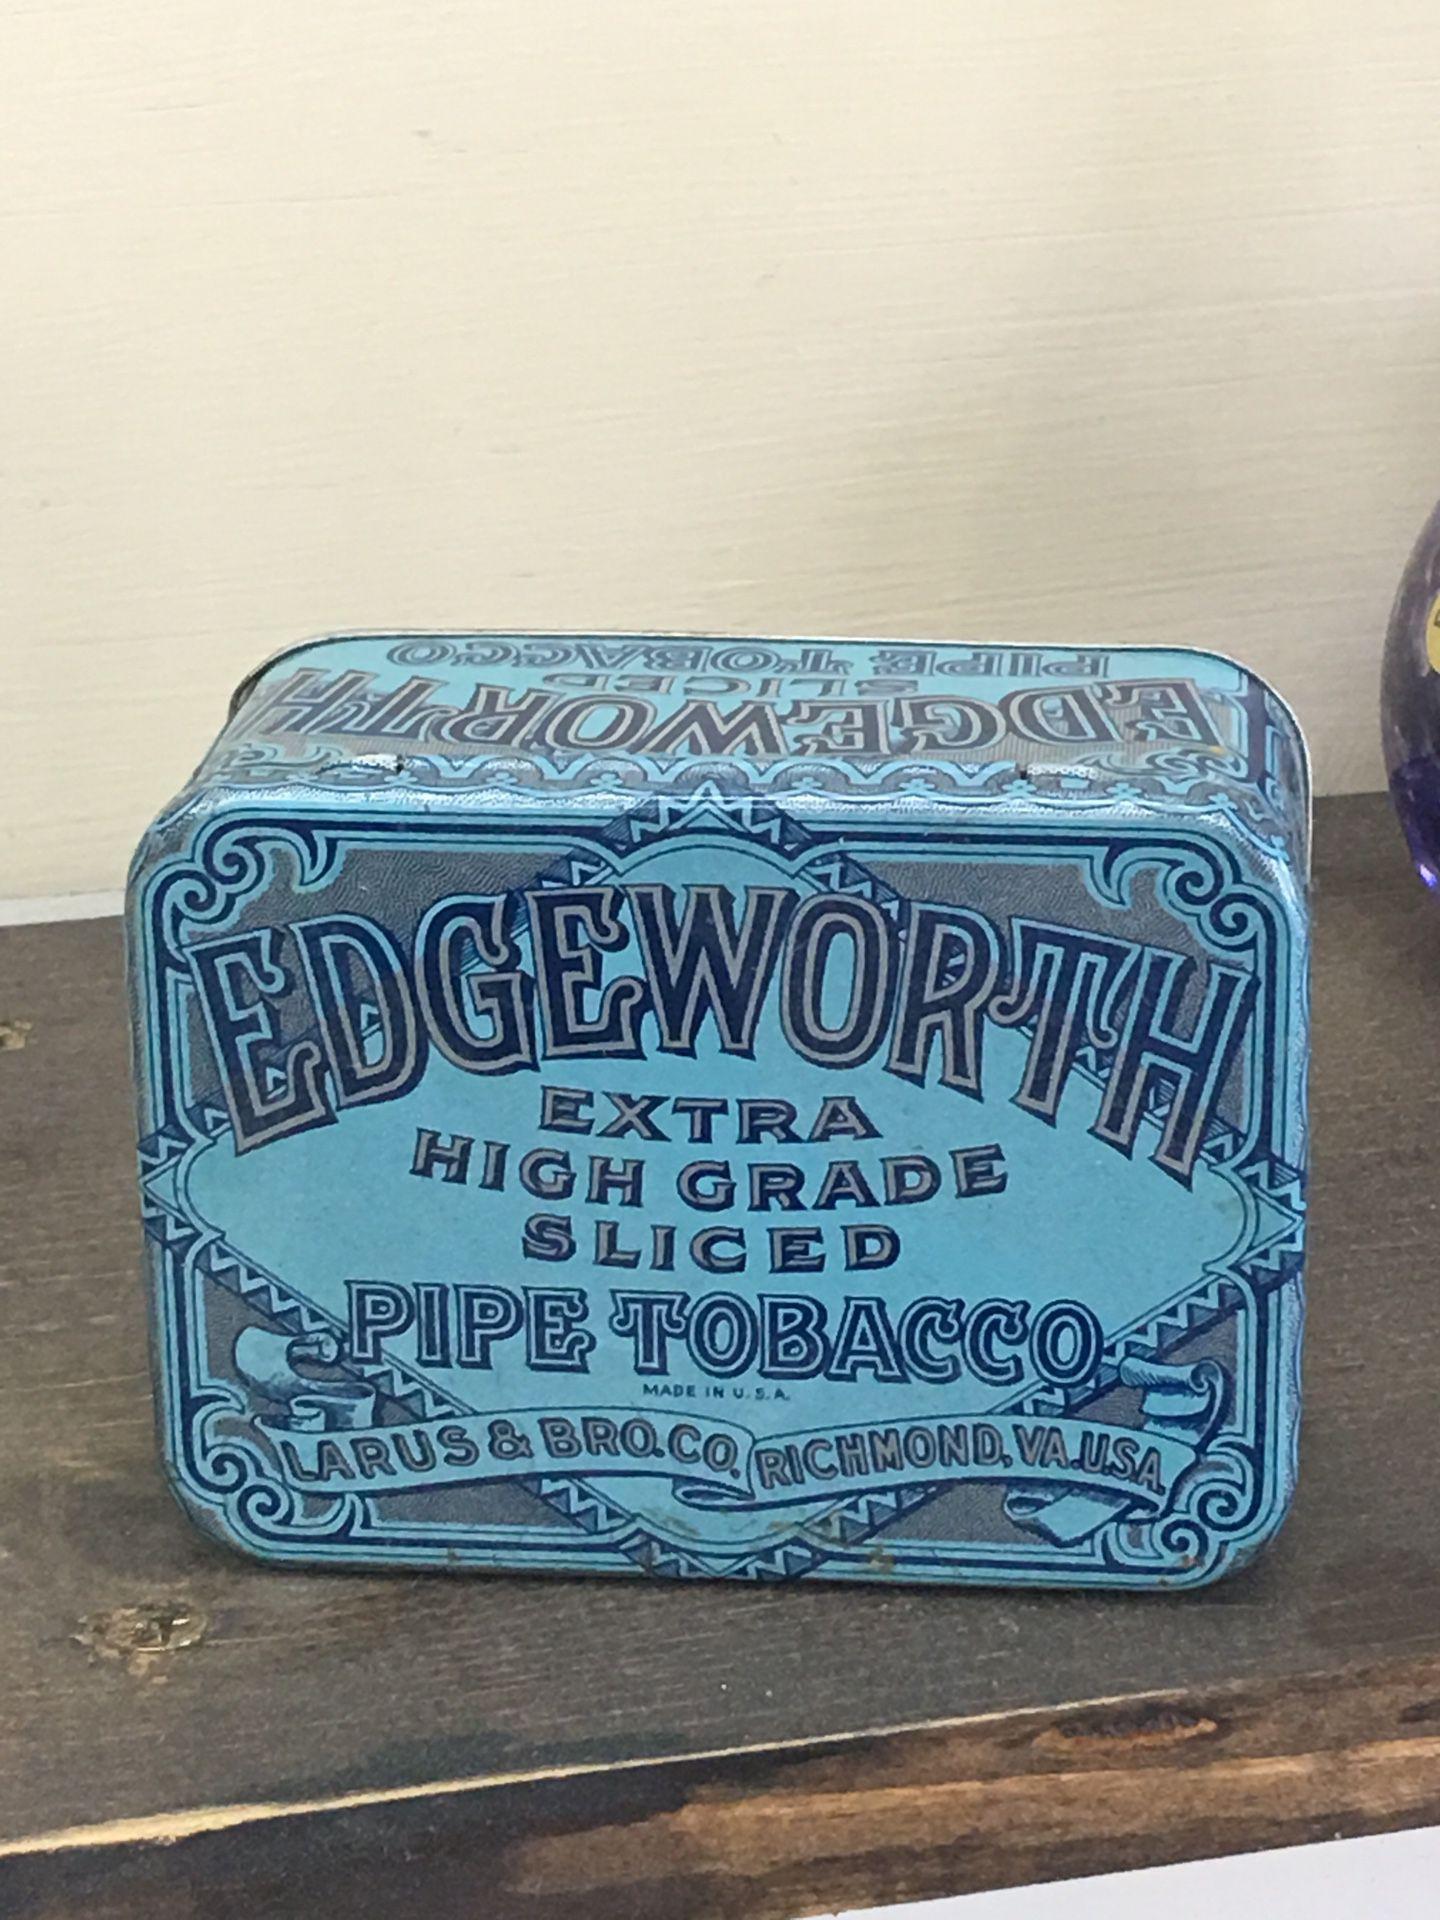 Edgeworth tobacco tin